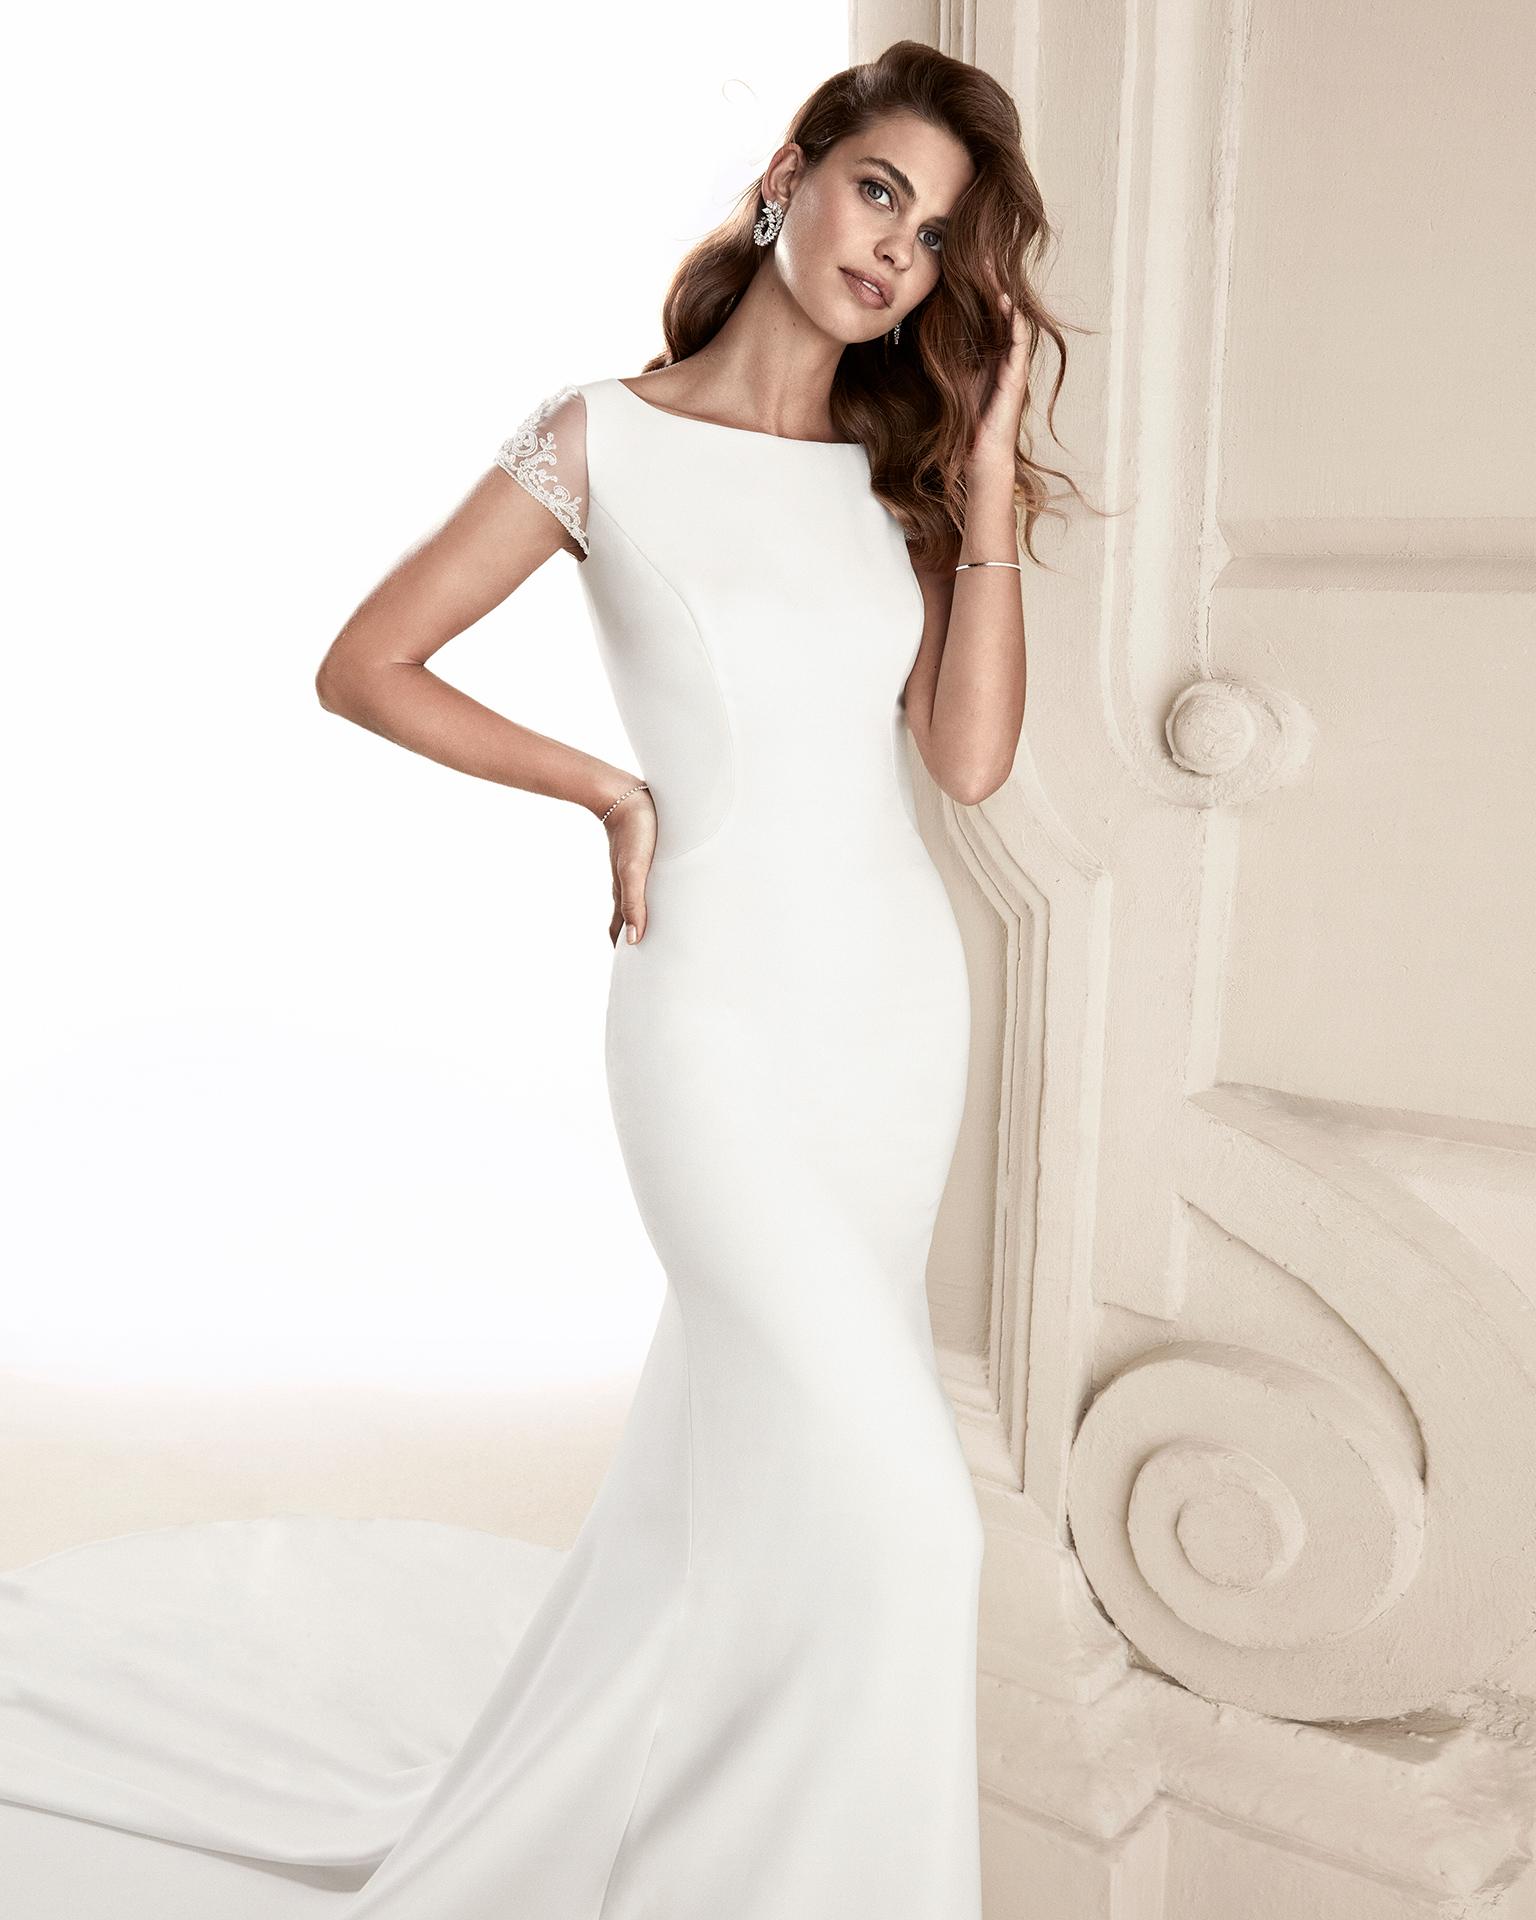 Vestido de novia corte recto en crepe. Con espalda en pedrería. Disponible en color natural. Colección ALMA_NOVIA 2019.